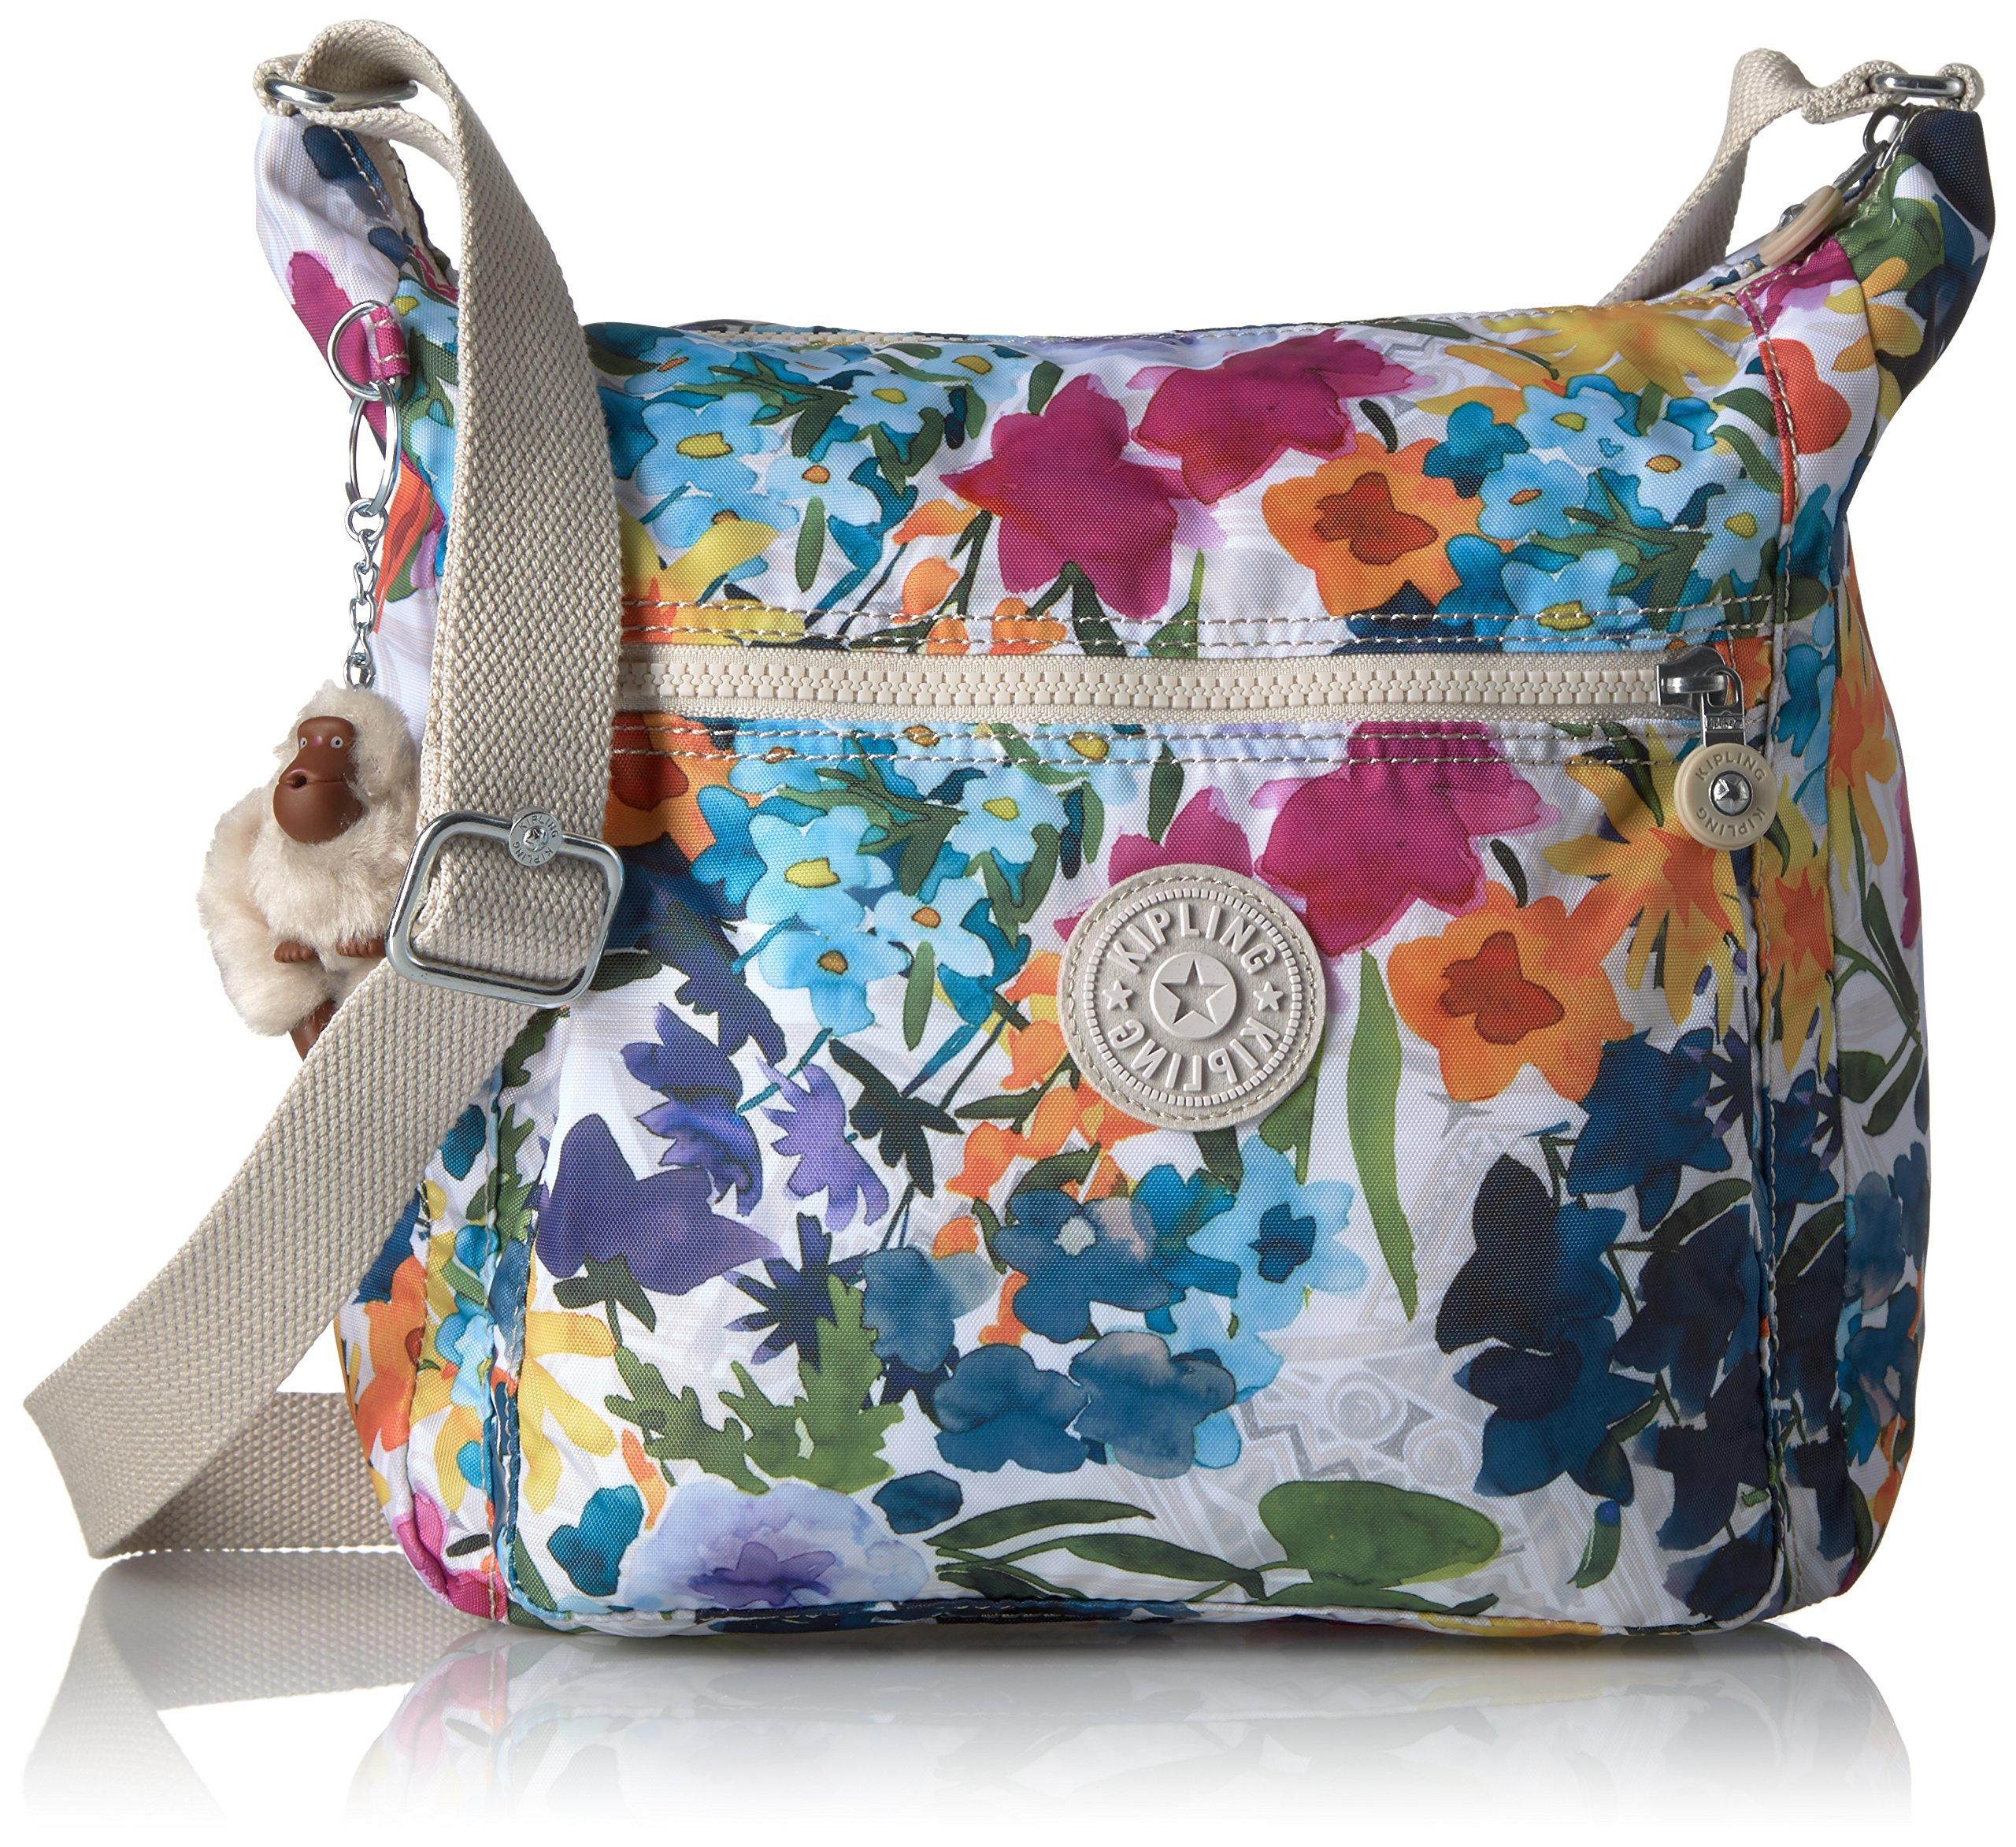 Kipling Bethel Medium Printed Hobo Bag, Flower Power by Kipling